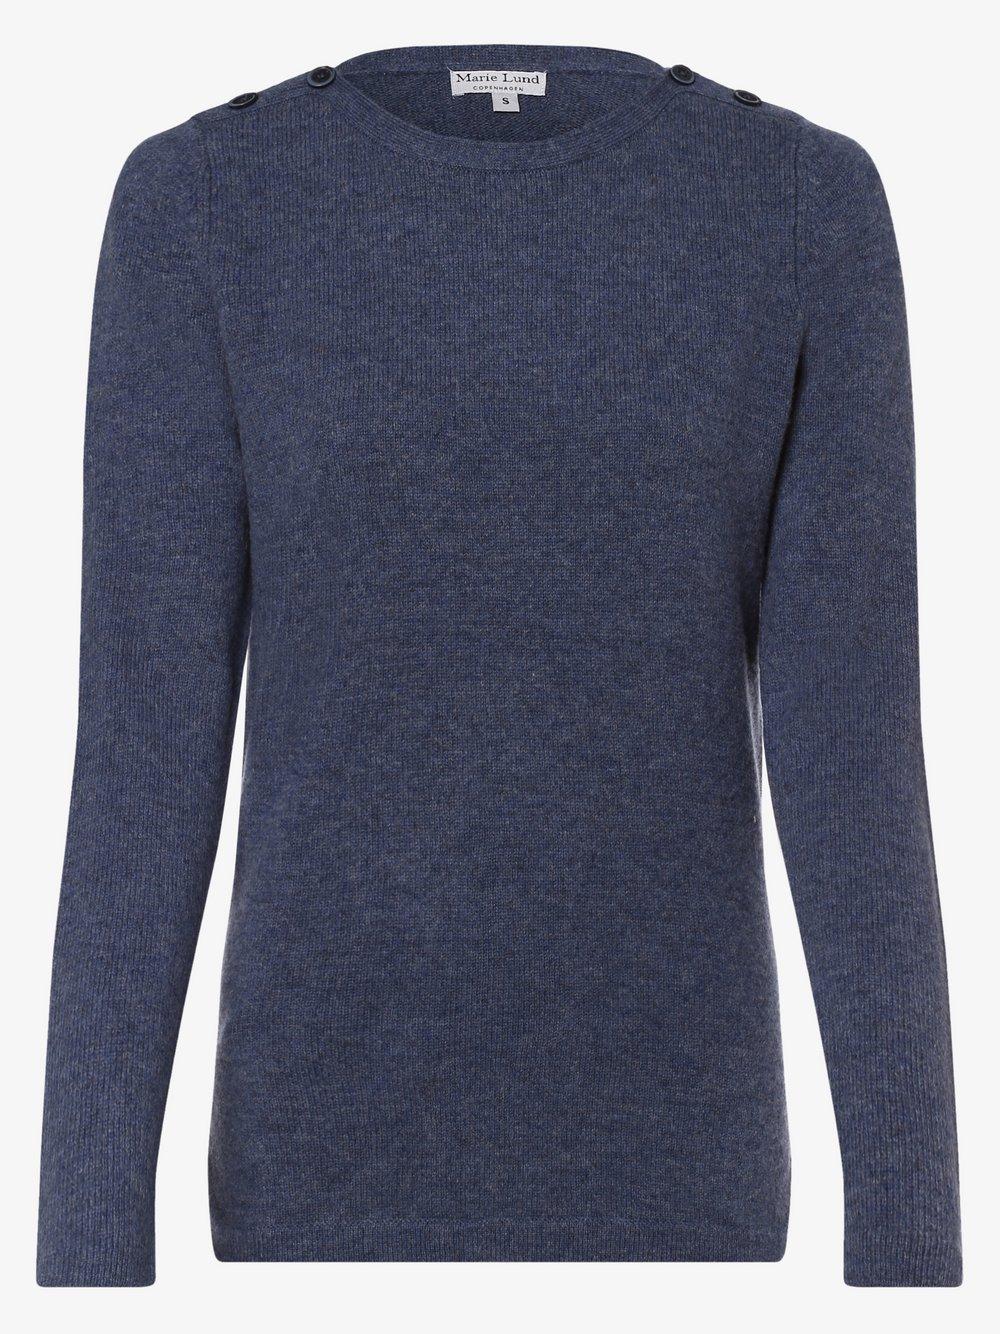 Marie Lund - Damski sweter z wełny merino, niebieski